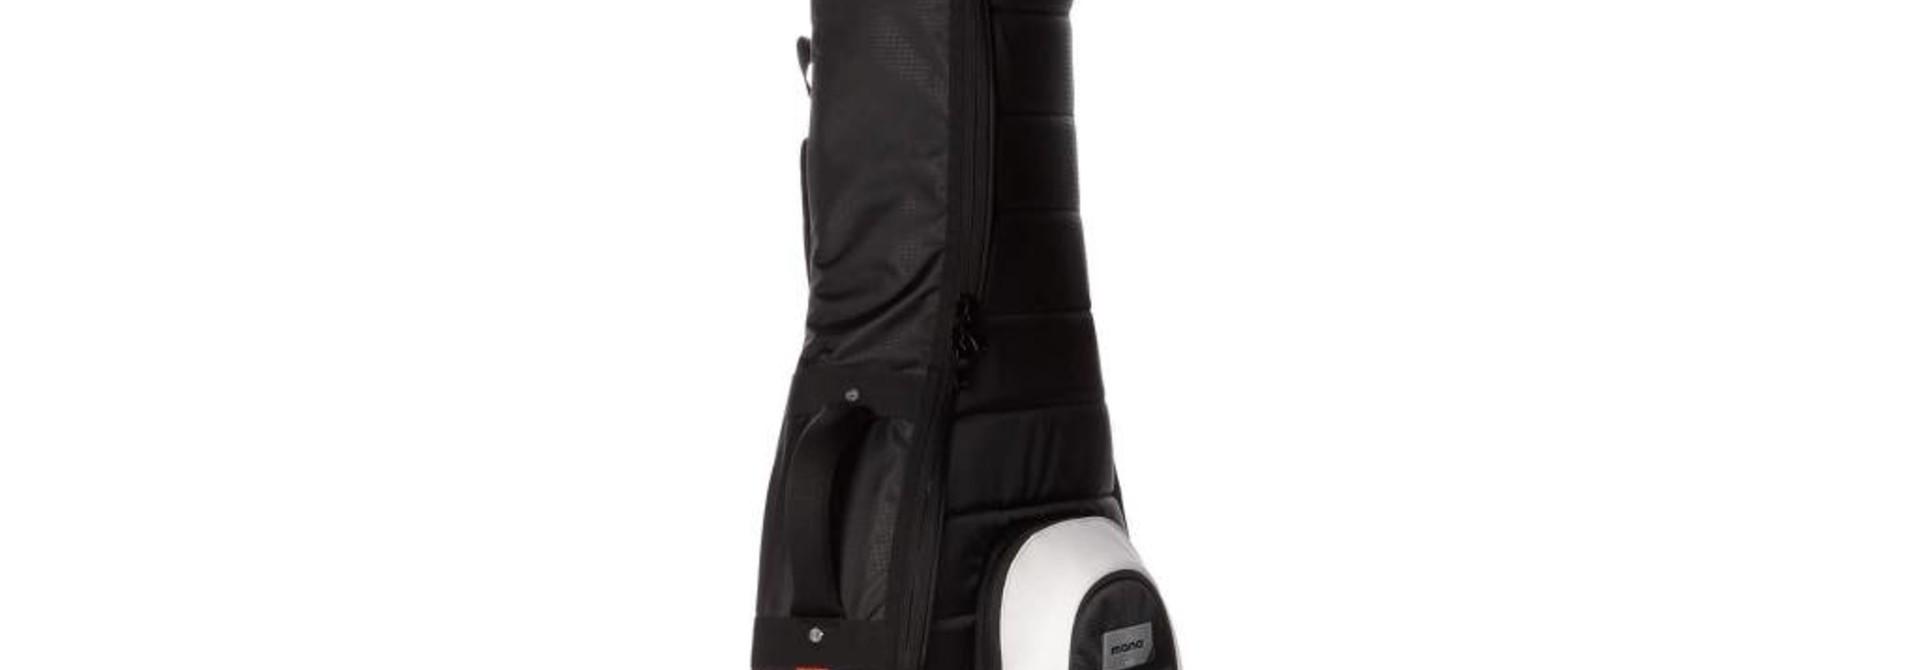 Classic Acoustic Guitar Case M80-AD-BLK